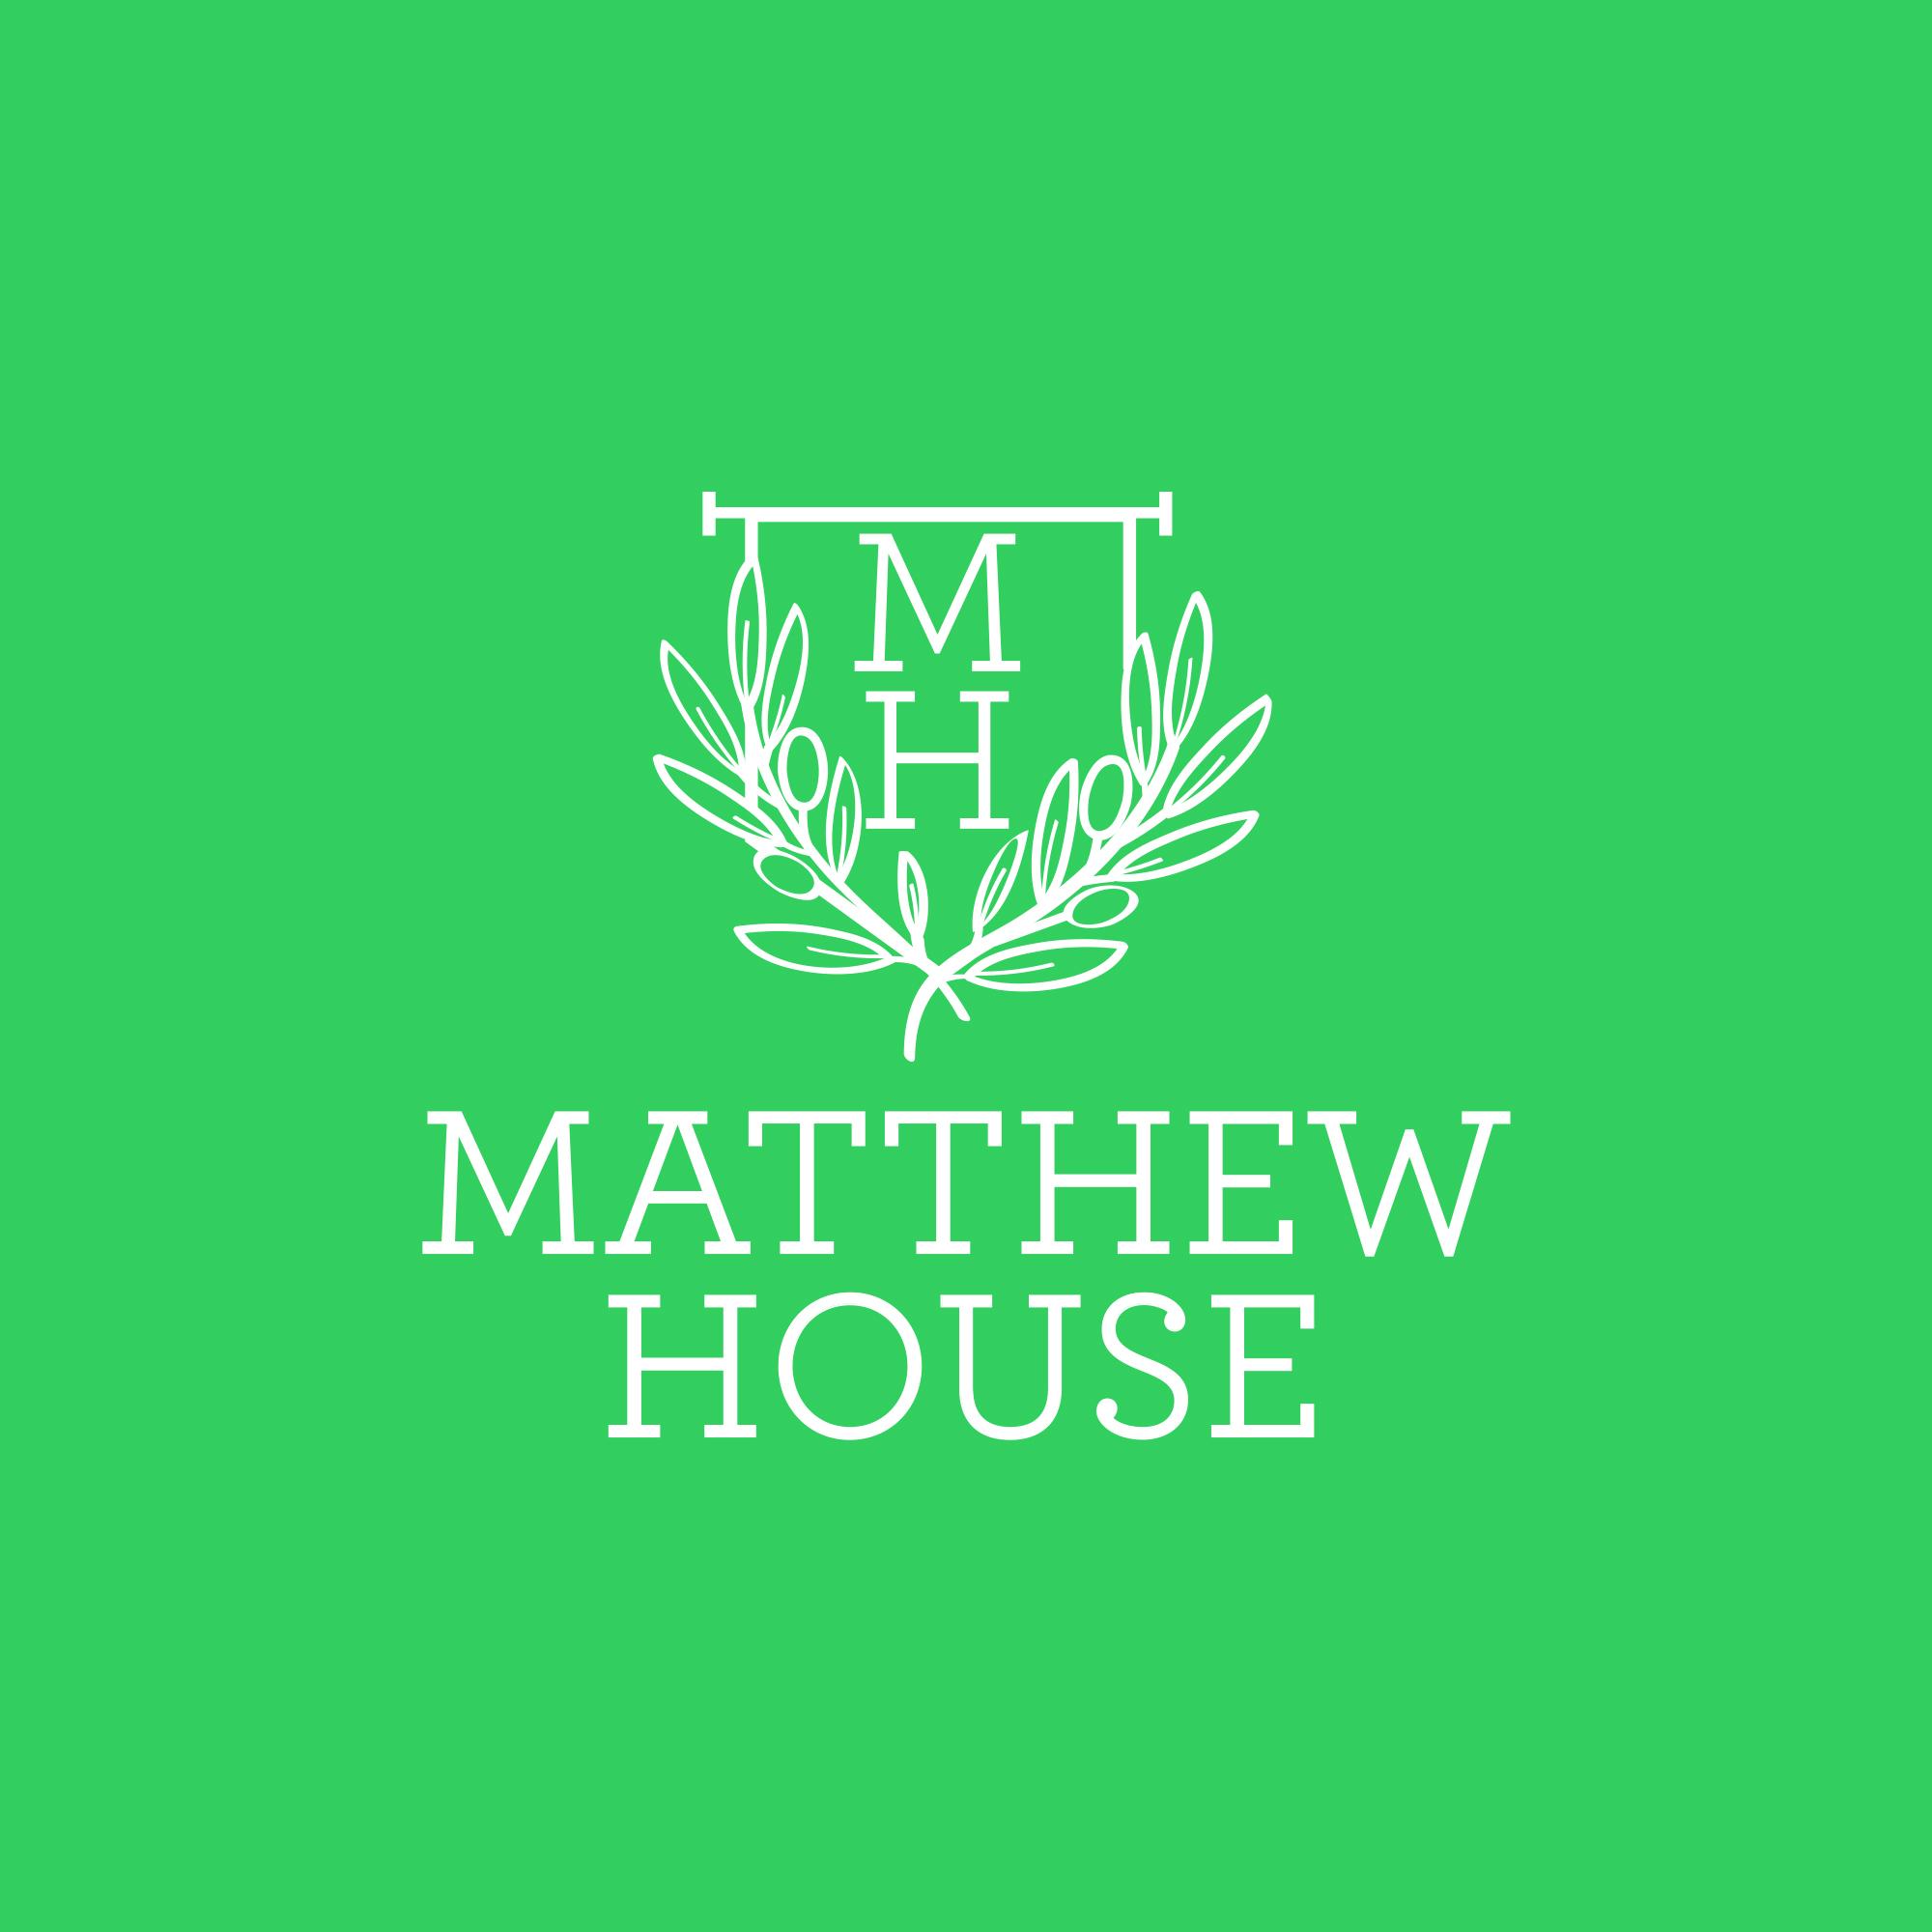 030 matthew house white